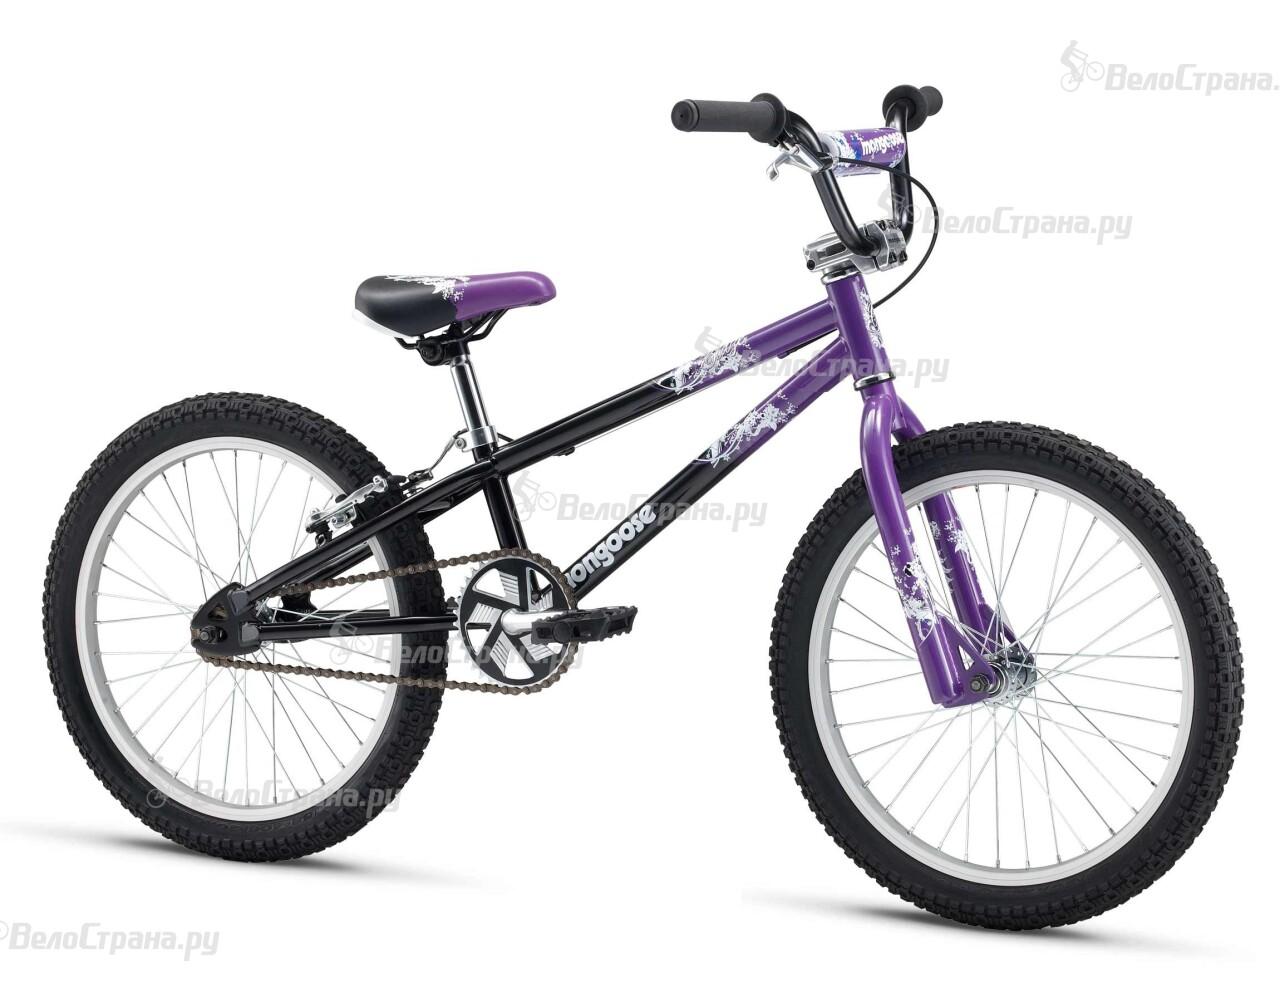 Велосипед Mongoose Meteore Sport 29'R (2013) велосипед mongoose crossway 350 disc 2013